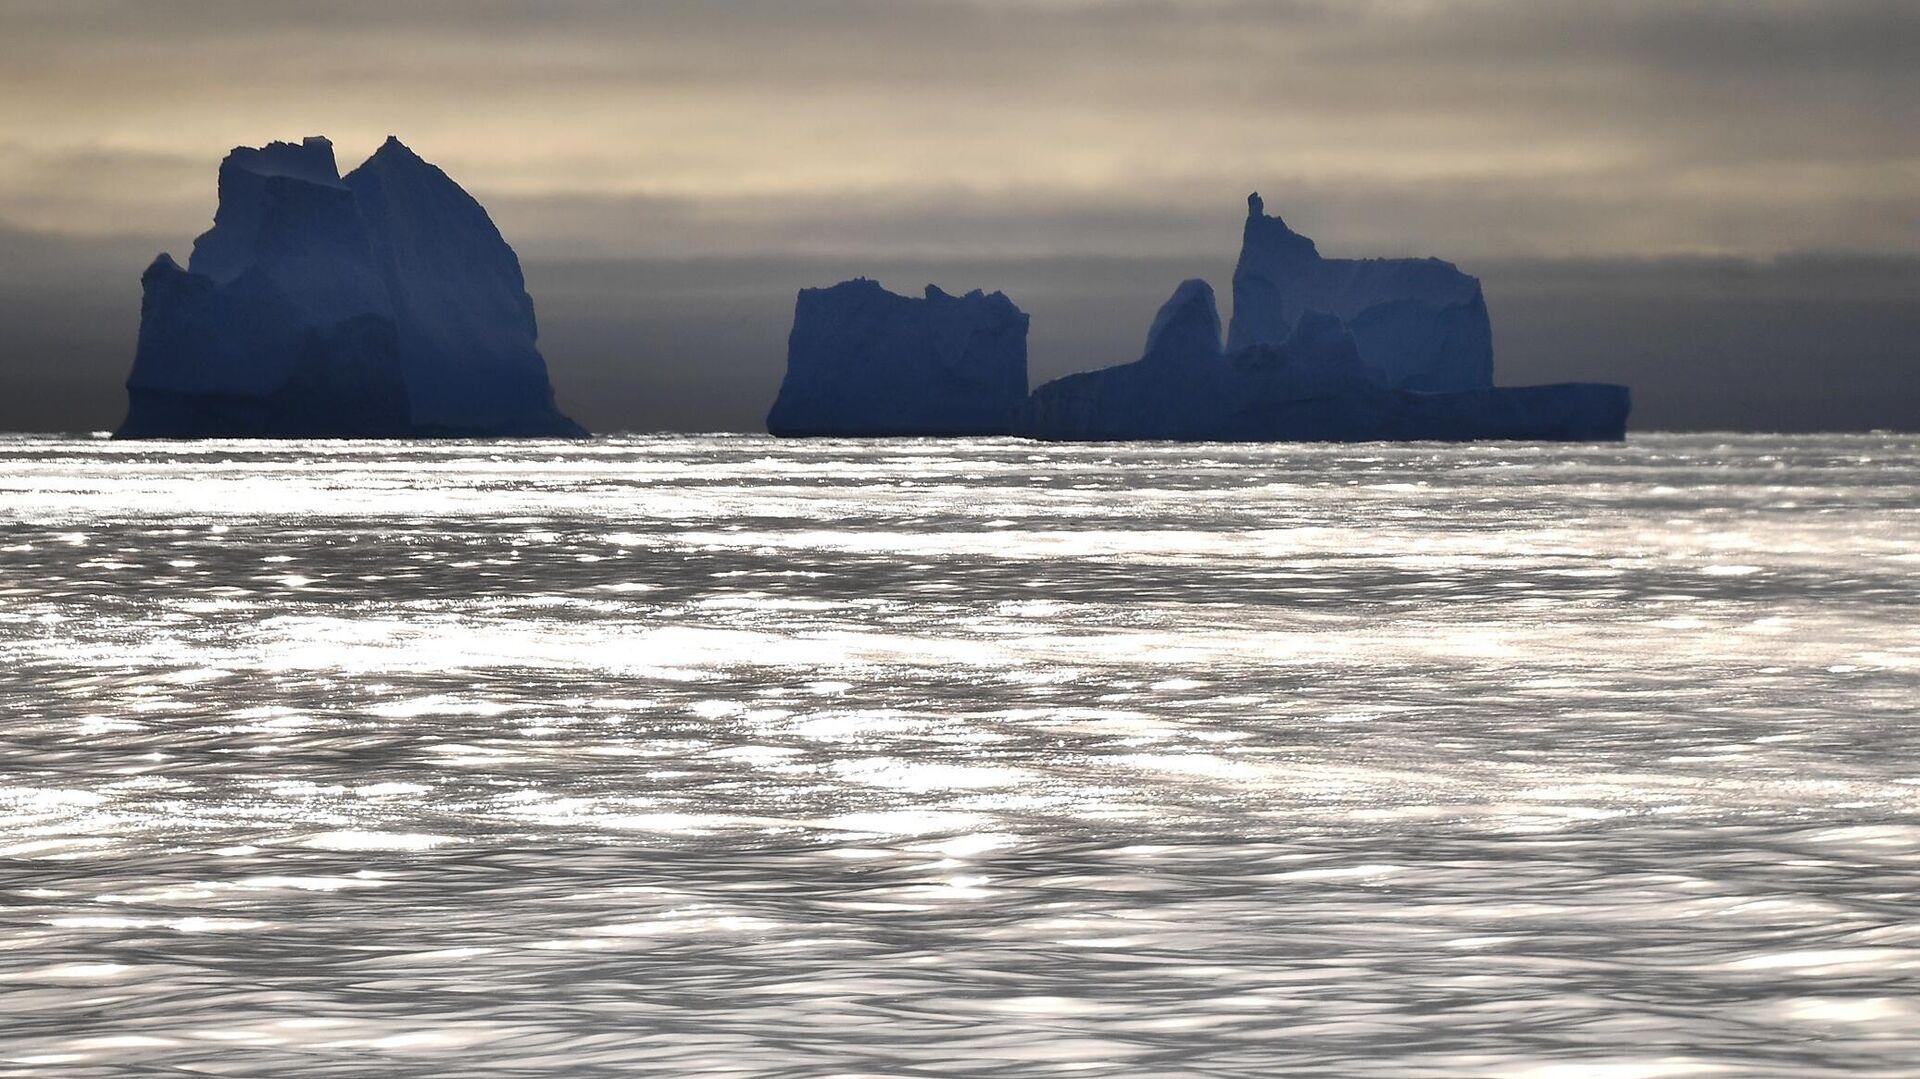 Айсберги у побережья Антарктиды  - РИА Новости, 1920, 27.05.2021